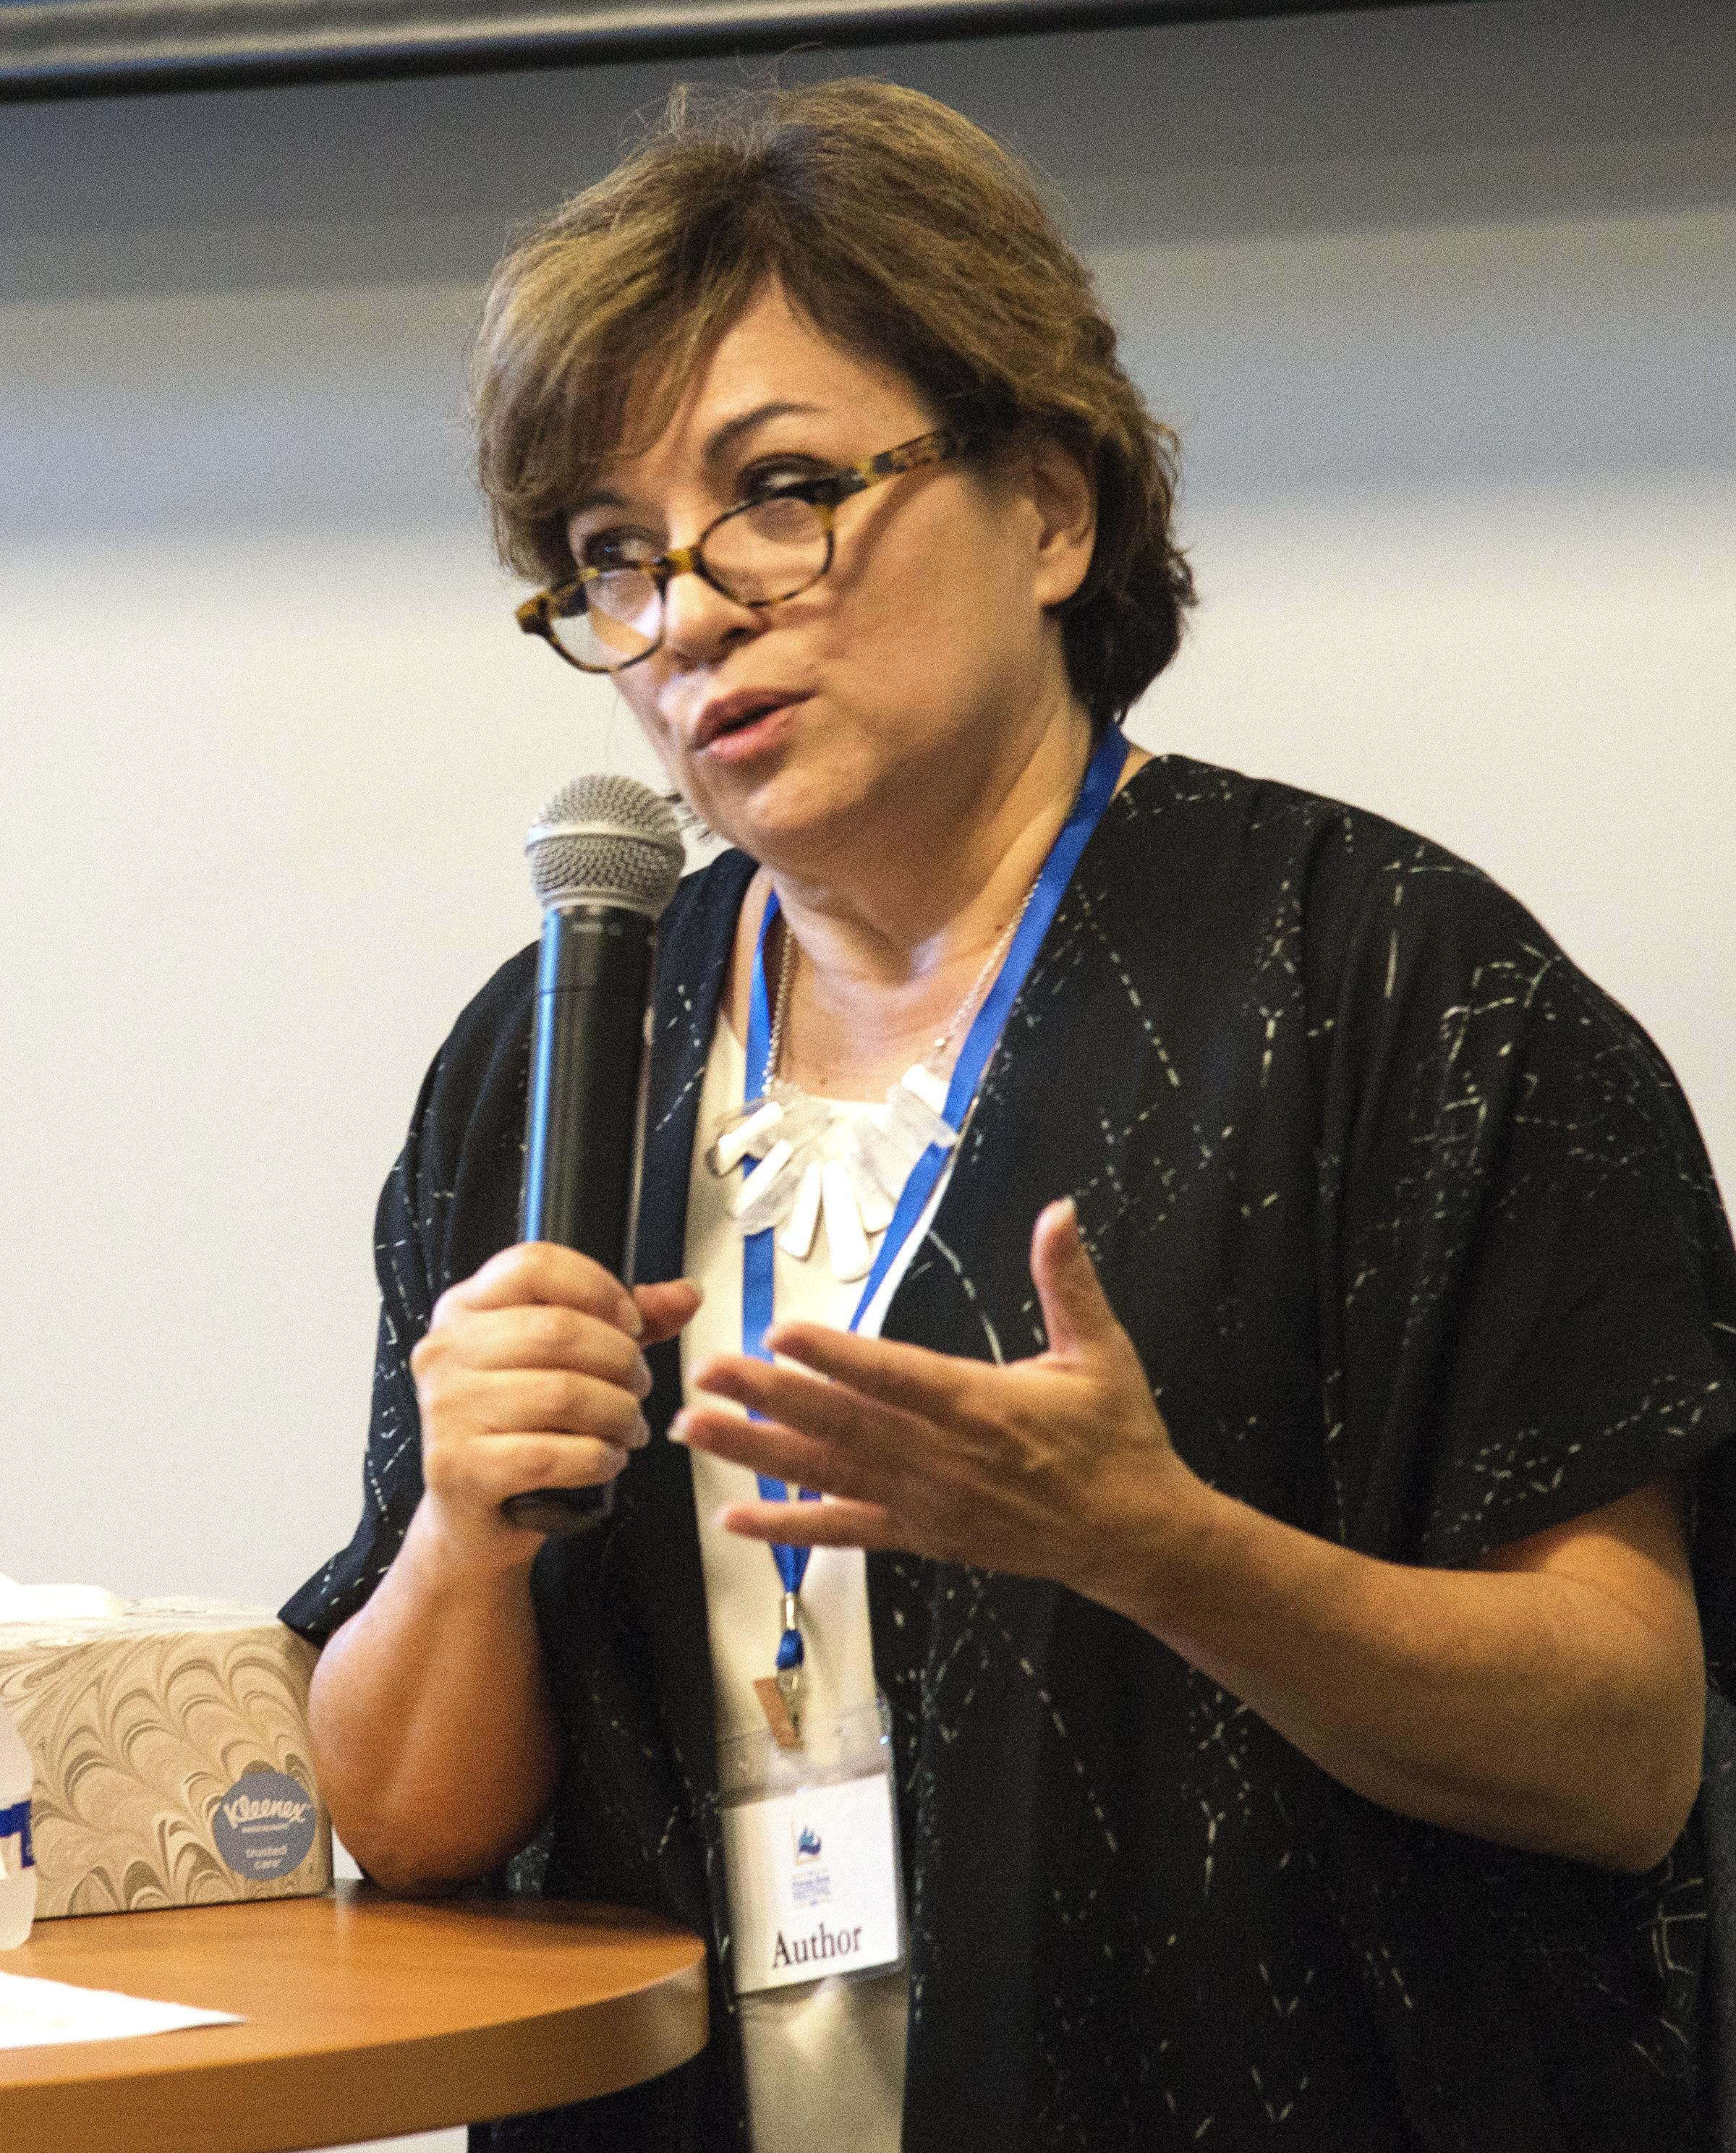 Author, Alma Katsu, The Hunger